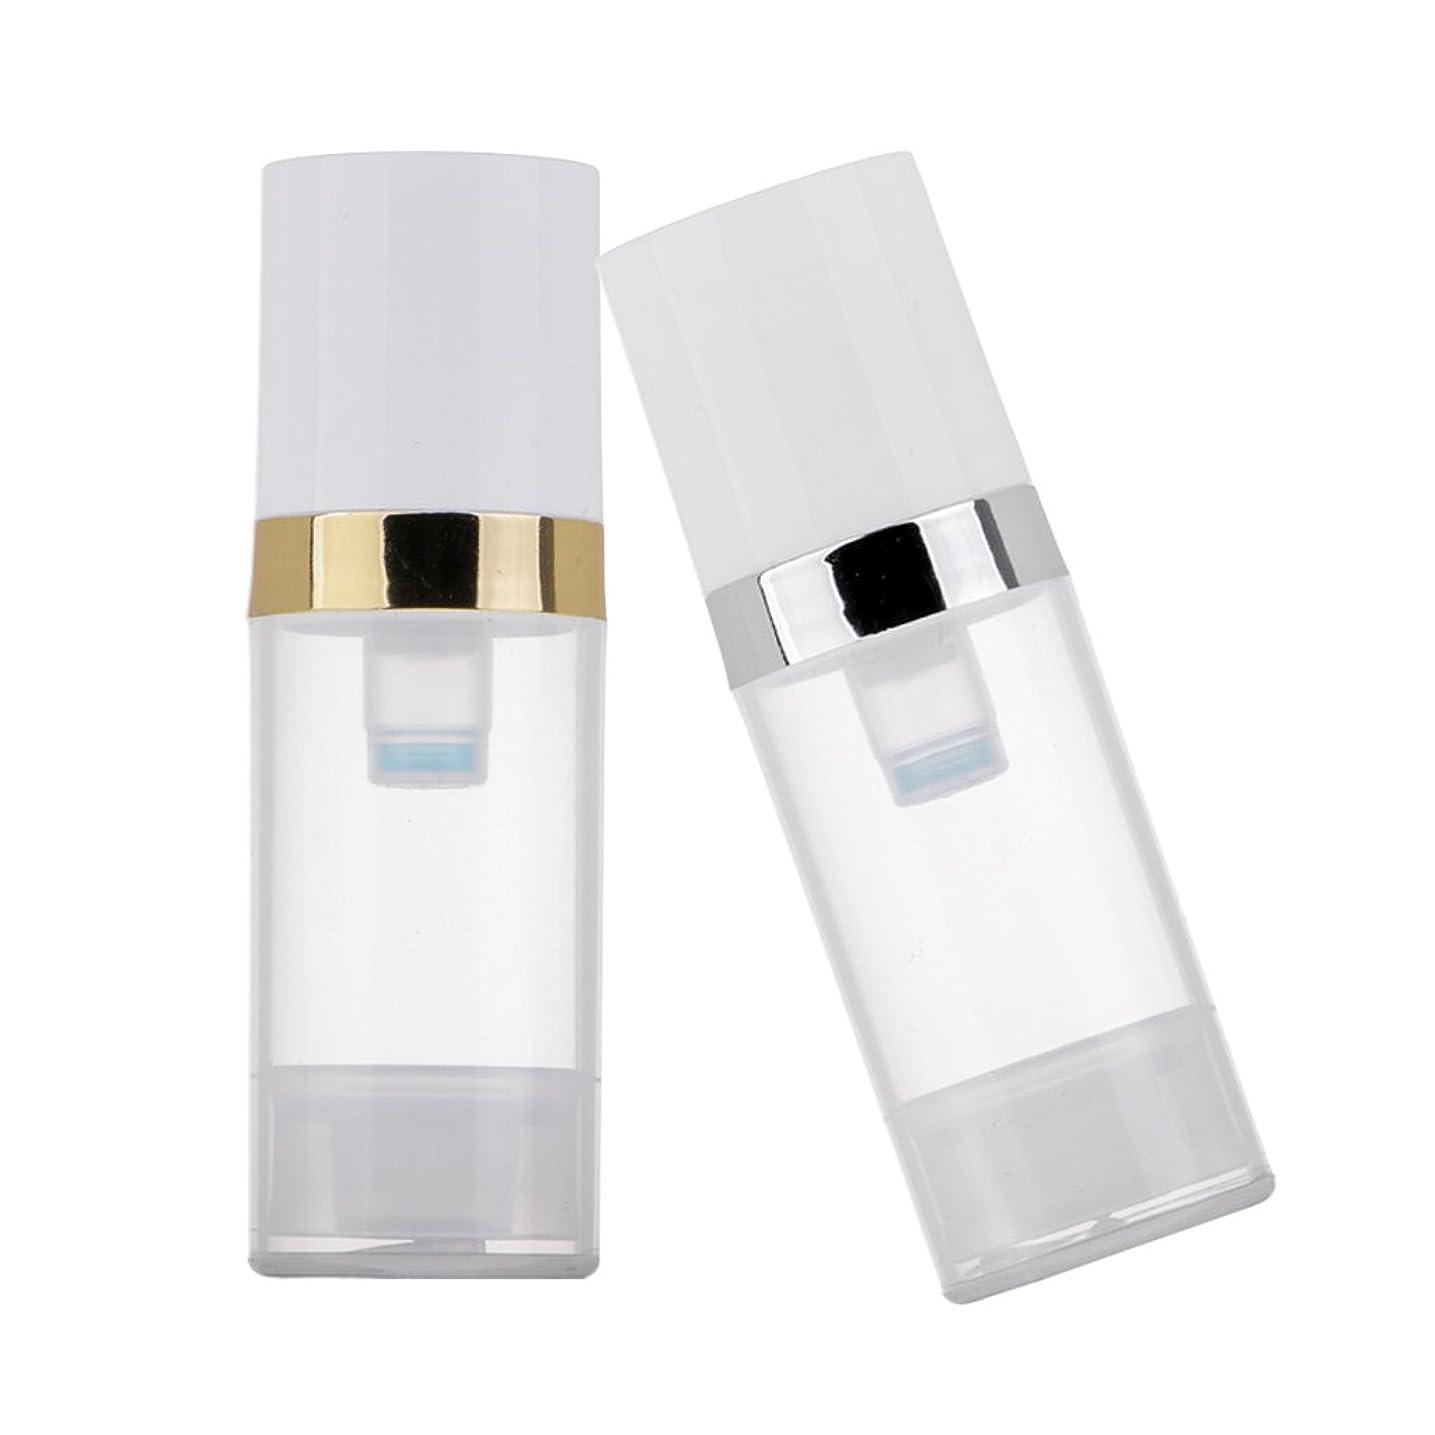 発明ハントにじみ出るKesoto 2個 ポンプボトル ディスペンサー 10ml クリア 真空 プレスポンプボトル 化粧品 ローション コンテナ 詰め替え可